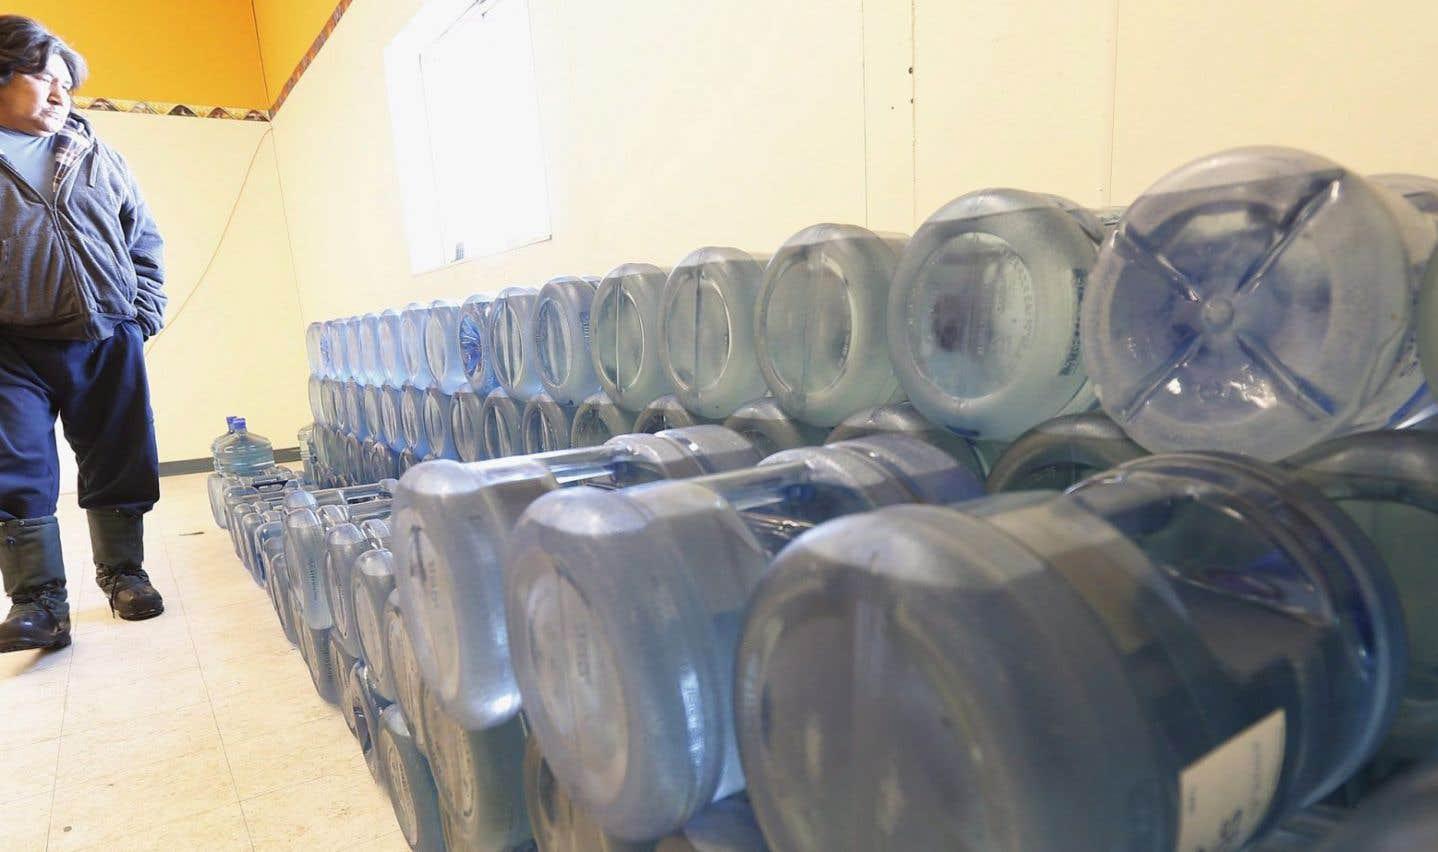 Des problèmes d'eau potable perdurent dans les communautés